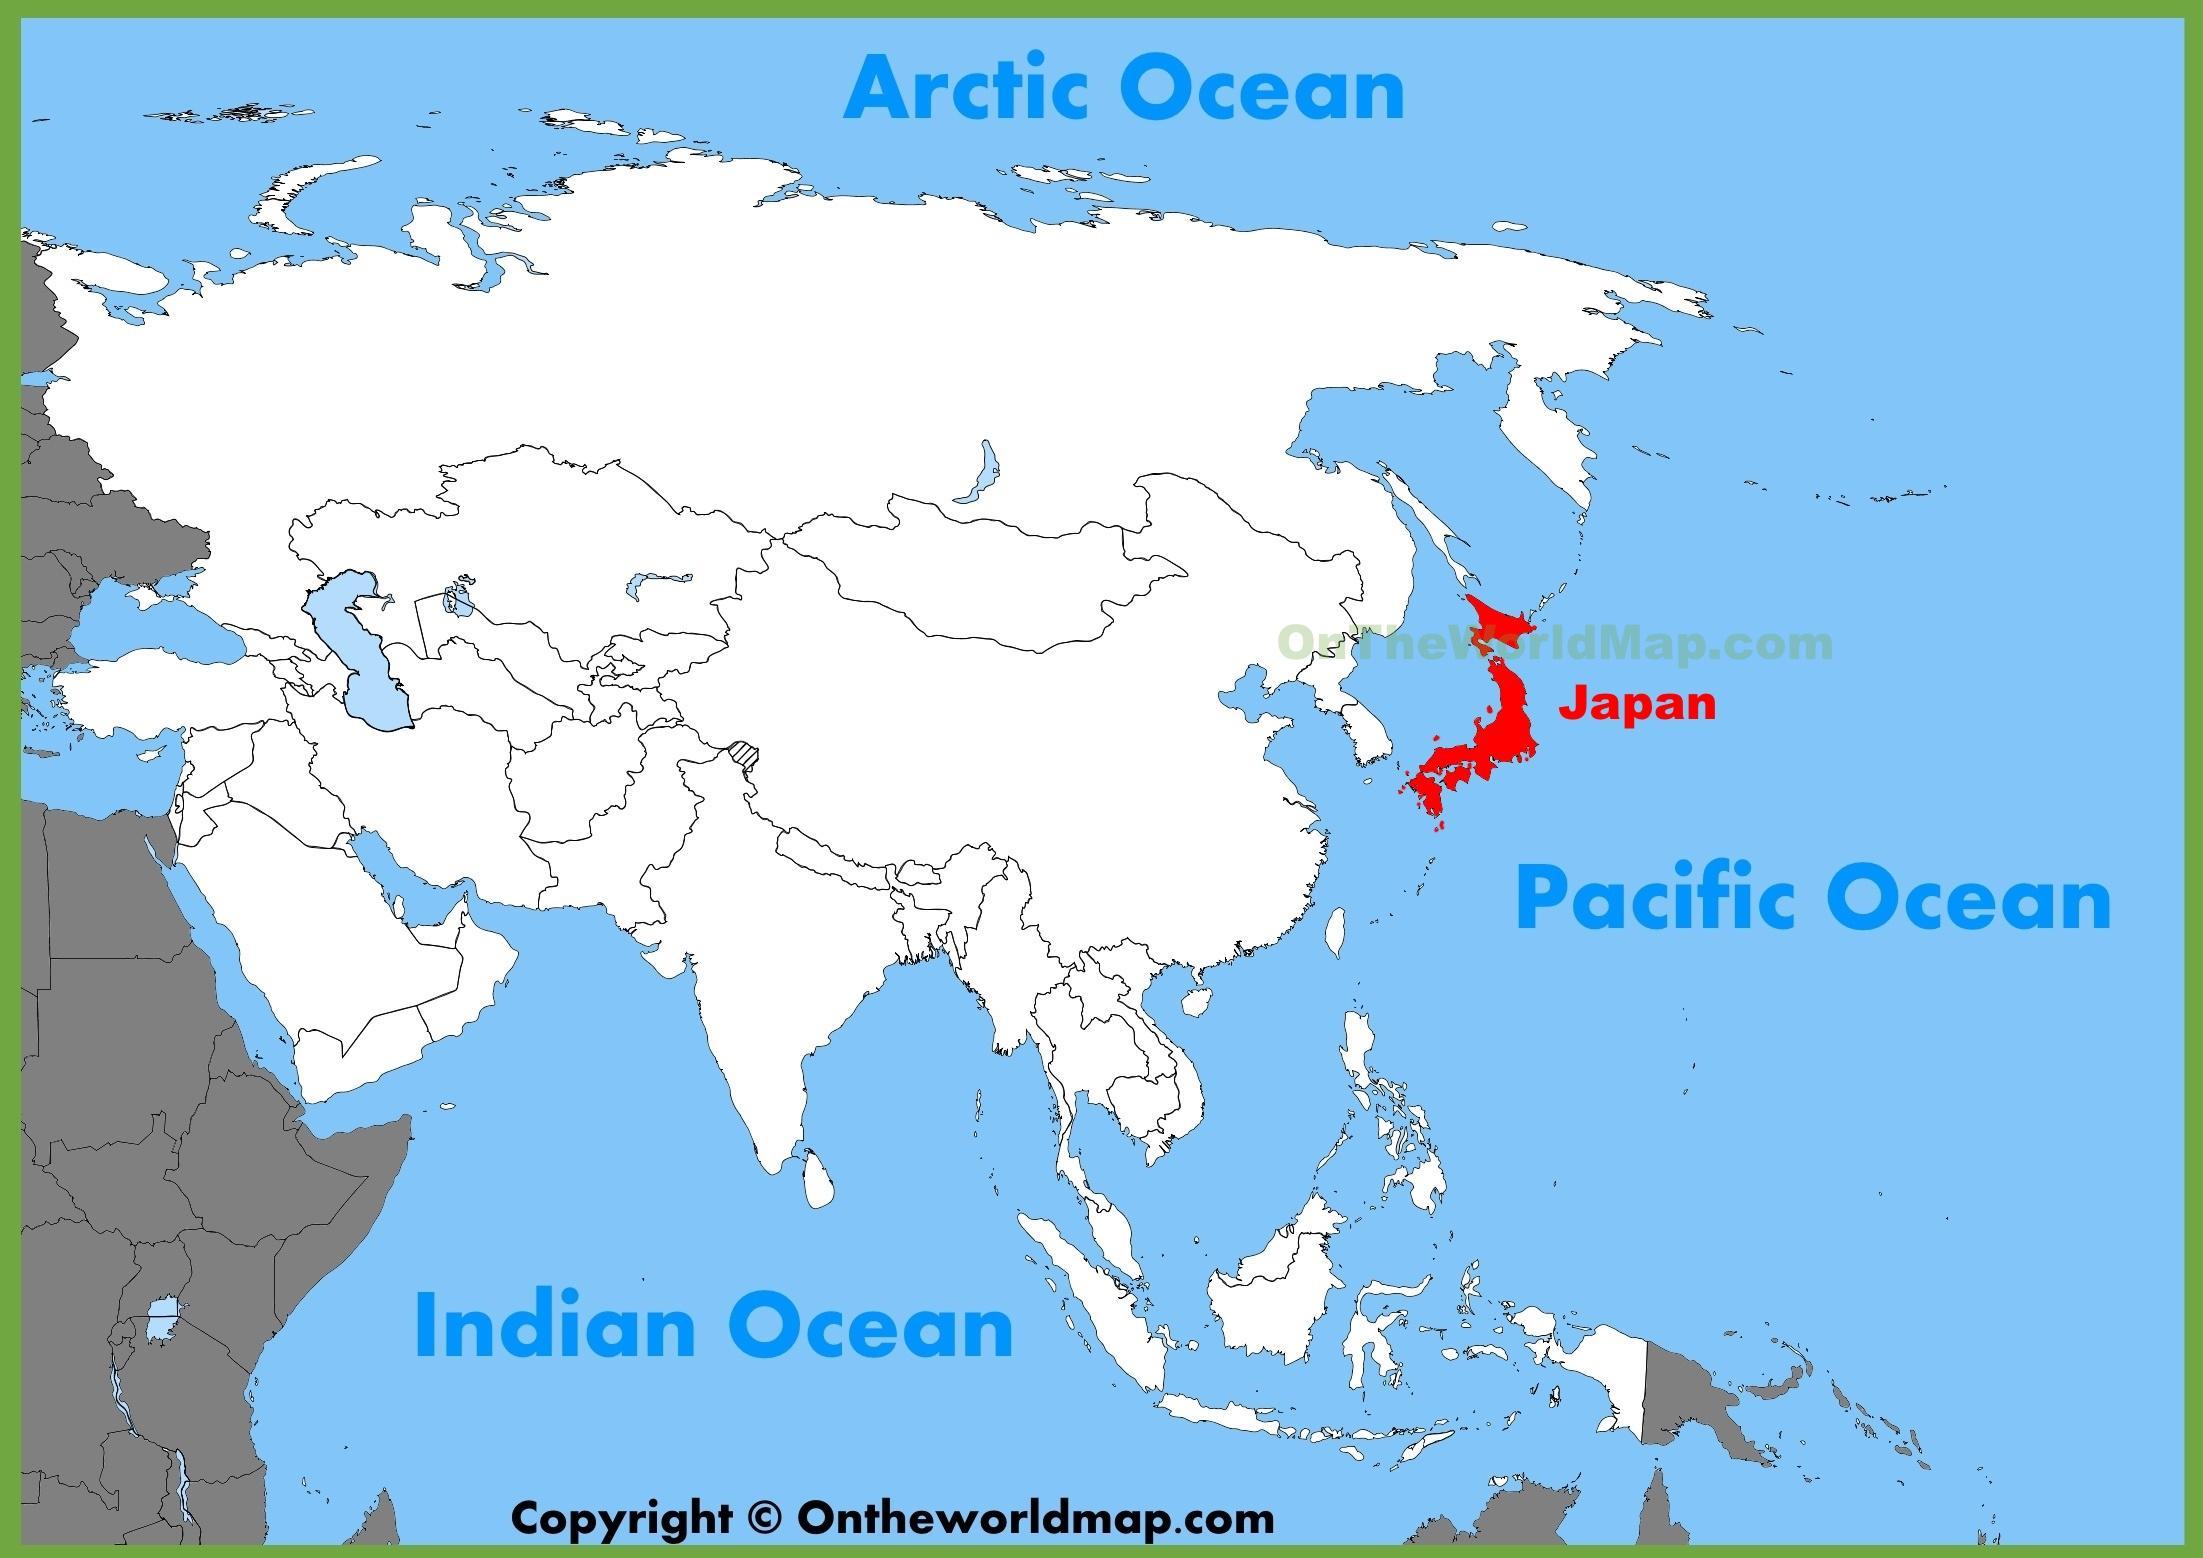 Japani Aasian Kartta Aasia Japani Kartta Ita Aasia Aasia